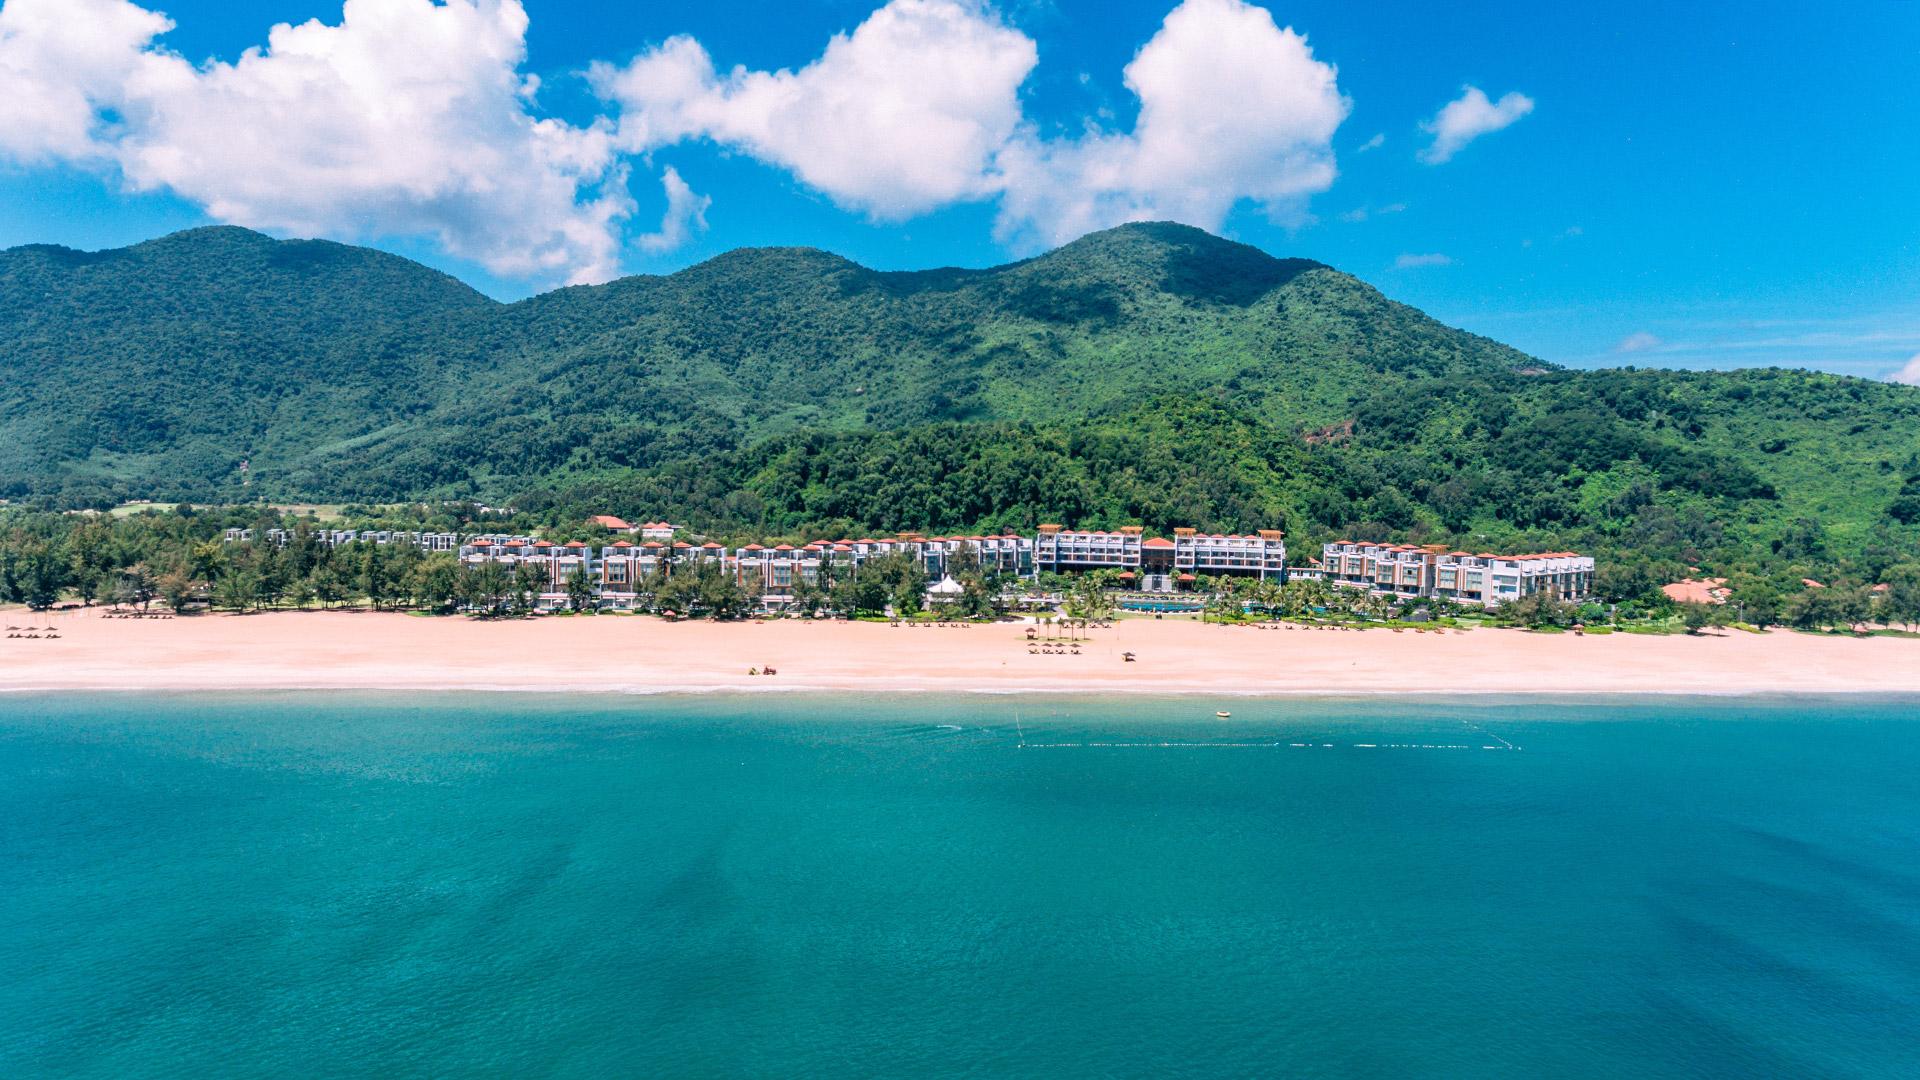 Khu nghỉ dưỡng phức hợp quốc tế Laguna Lăng Cô